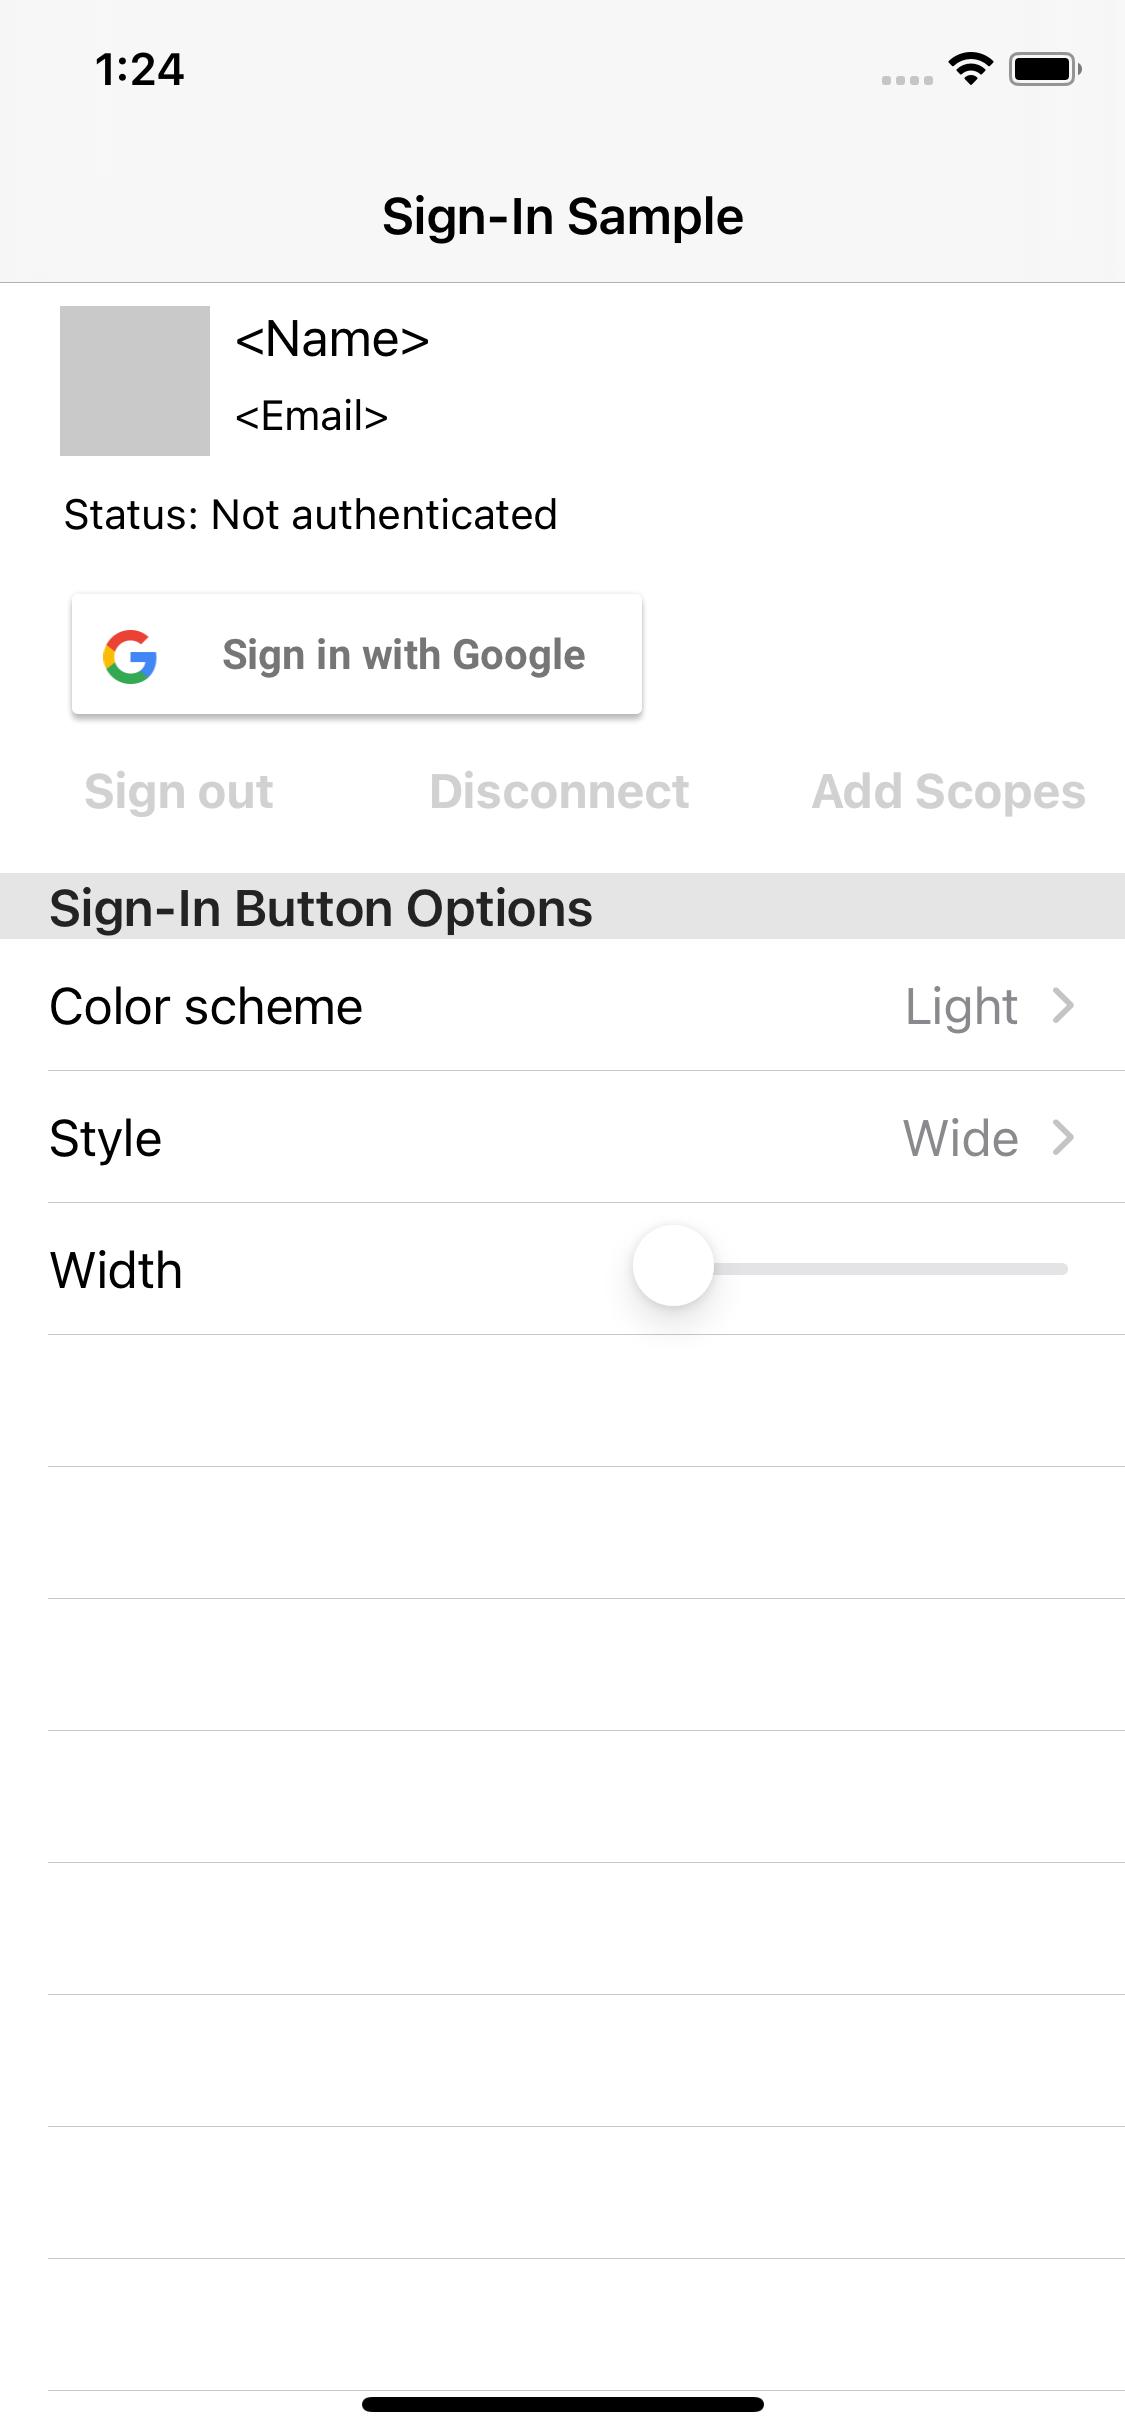 Captura de tela do aplicativo de amostra